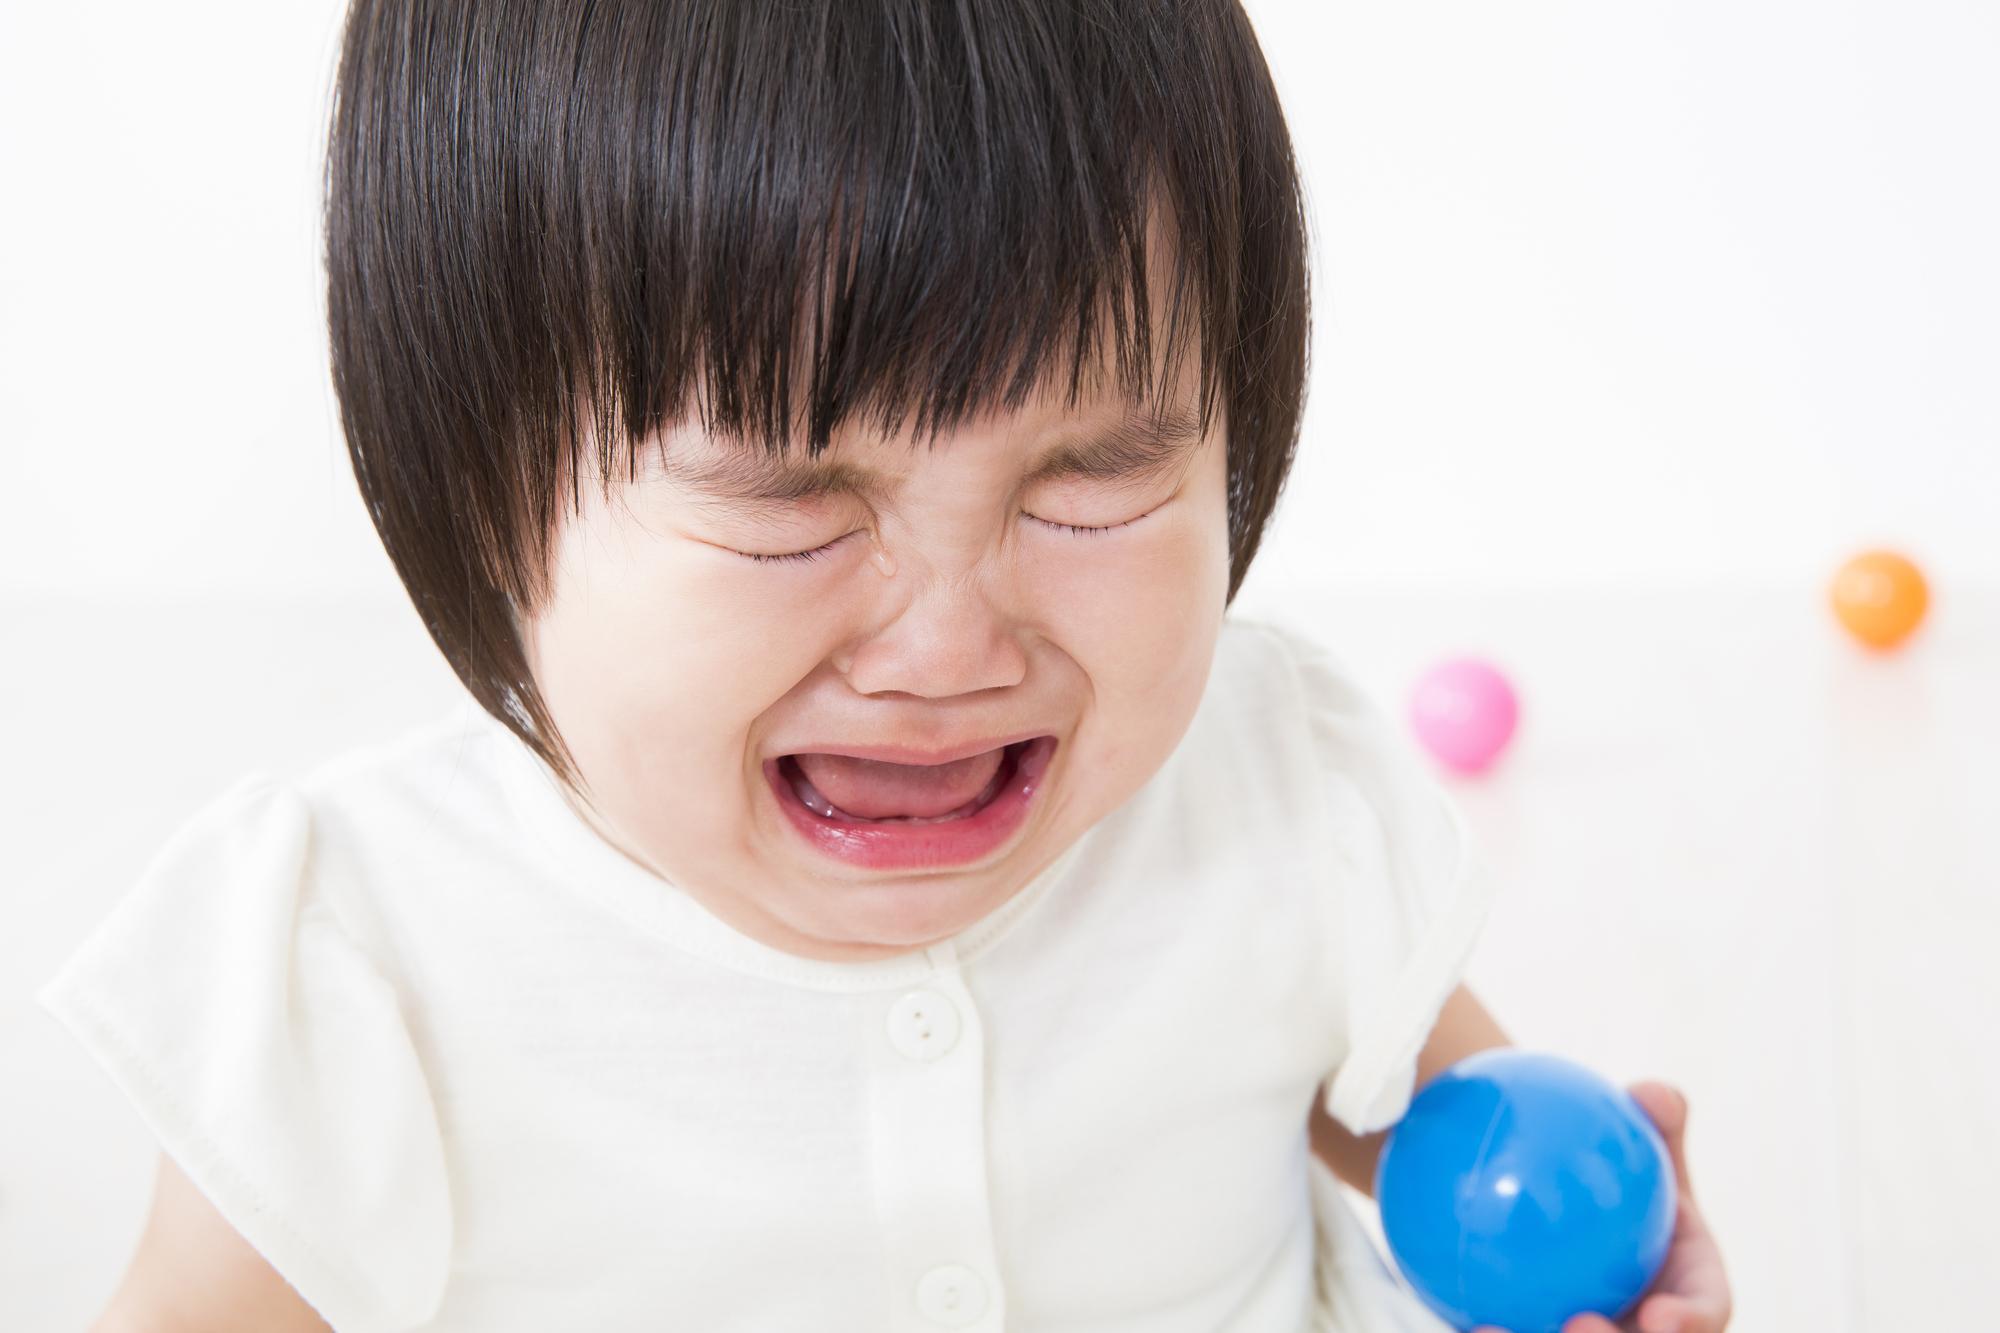 子ども 虫歯 エアアブレーション